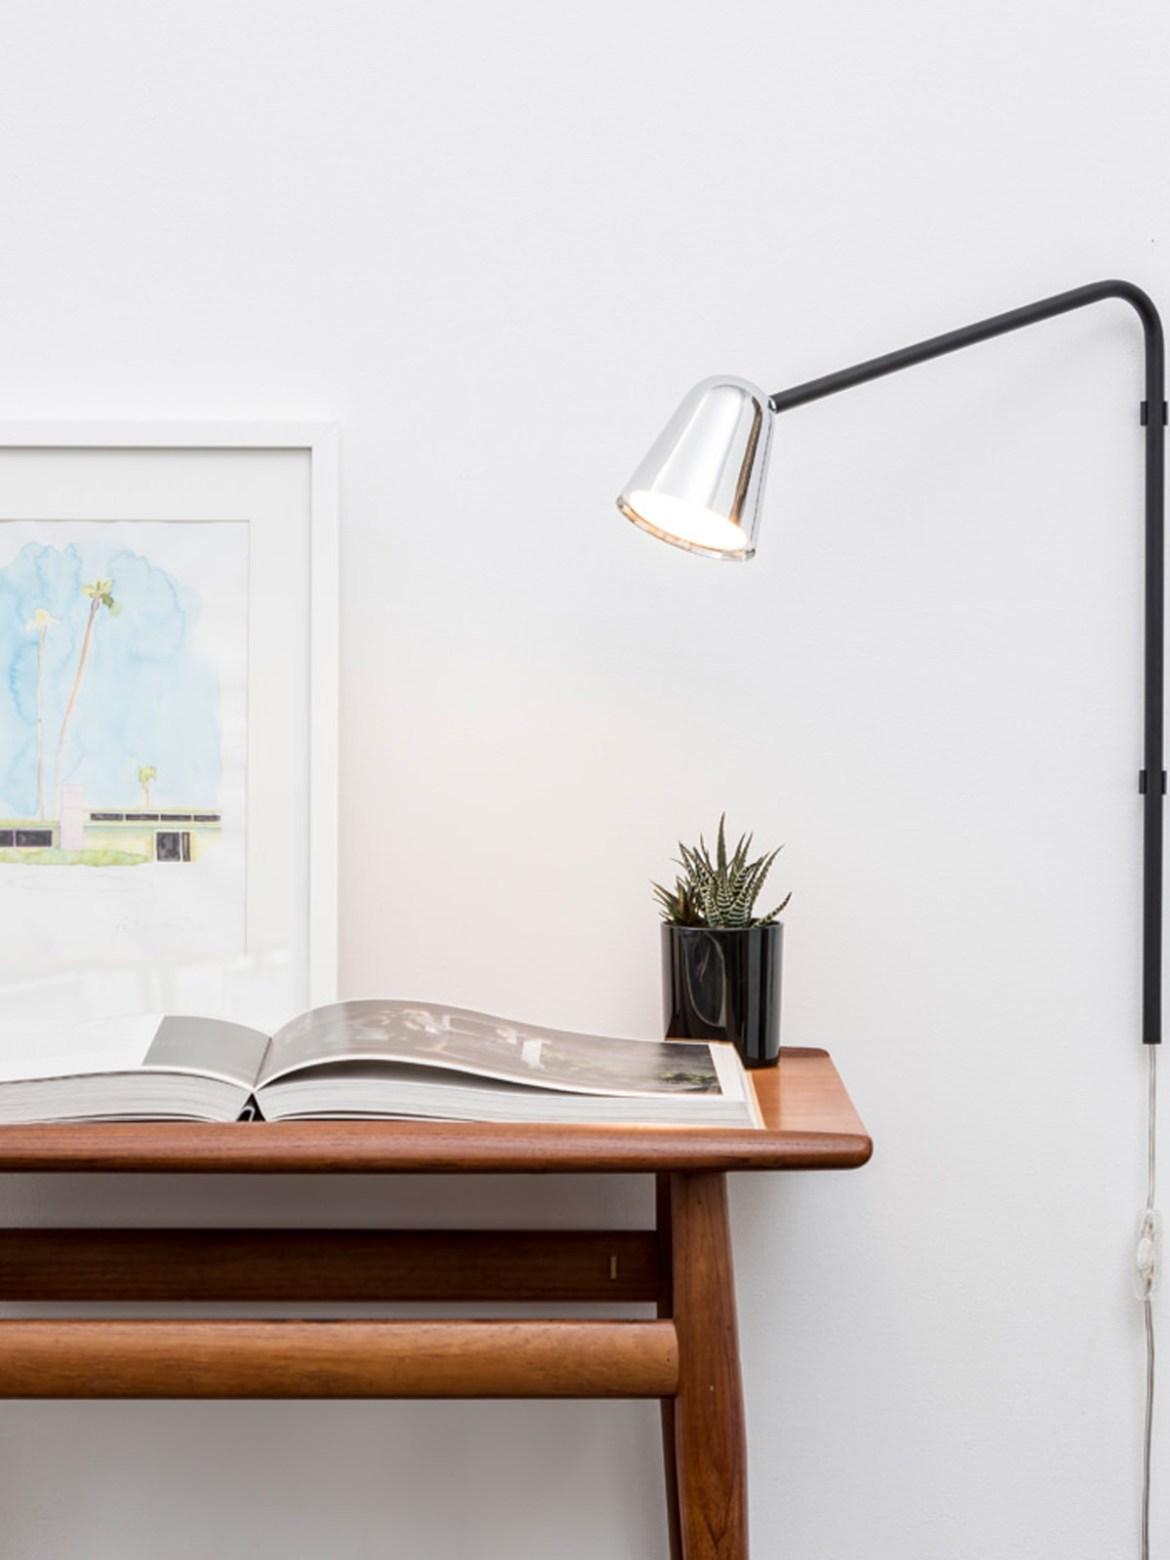 DesignOrt Blog: Schwenkarmleuchten LED Wandleuchte mit Schalter Chaplin Wall Formagenda